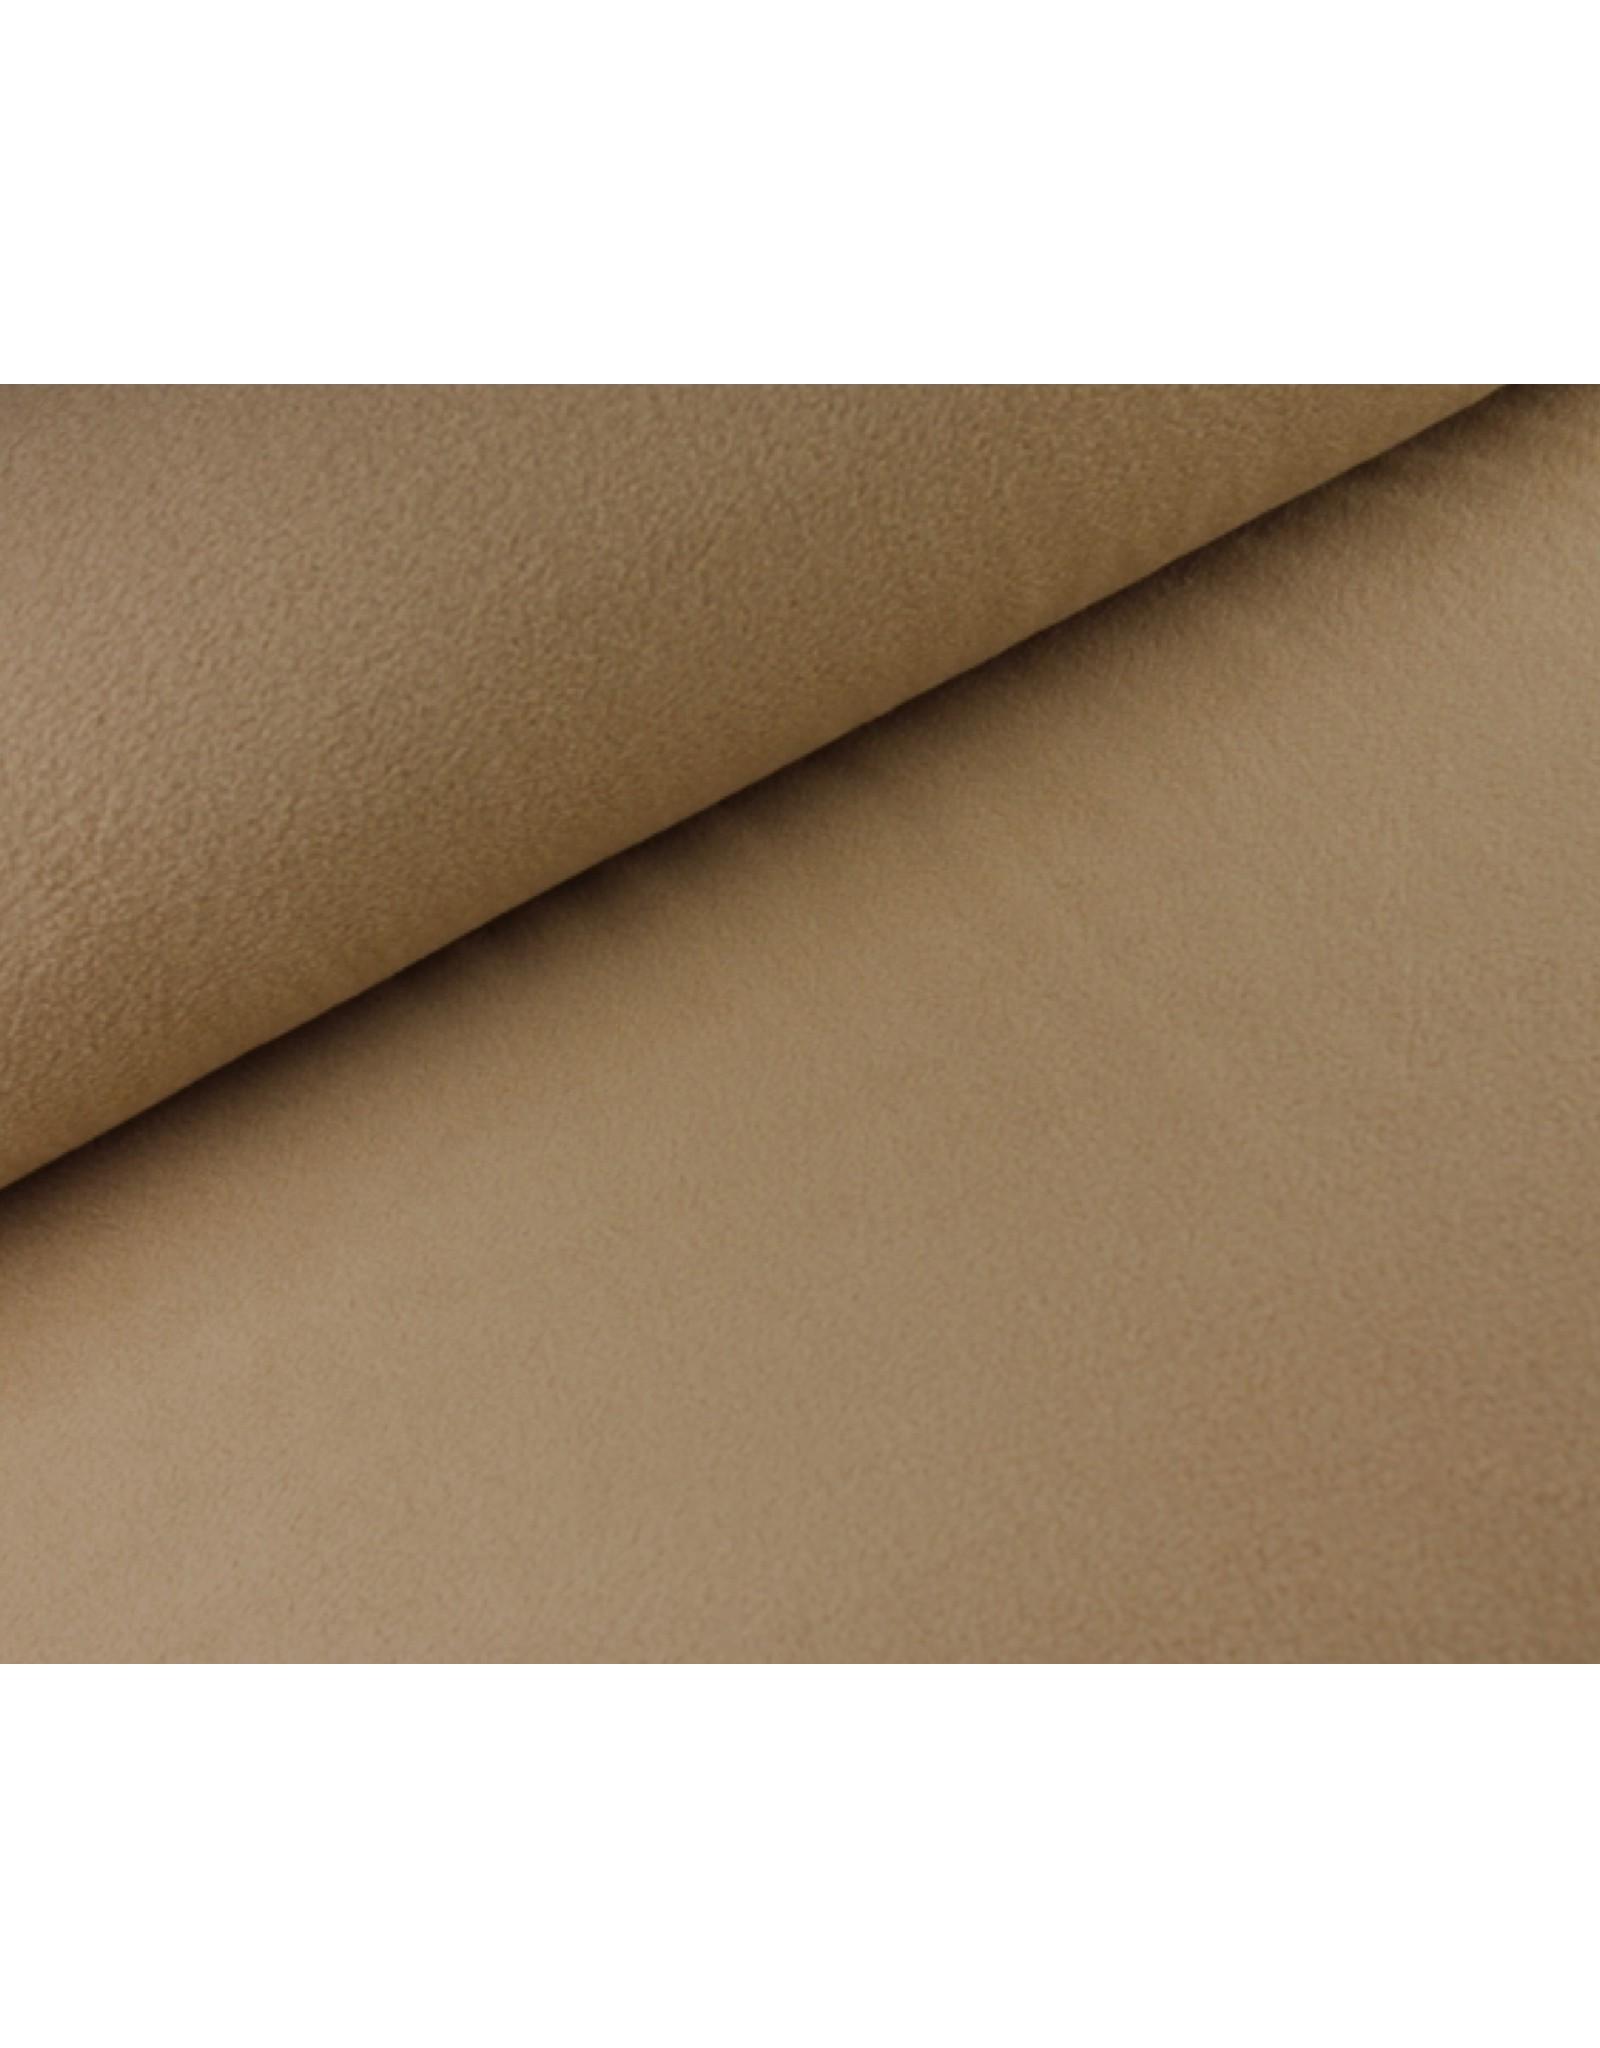 Polar Fleece fabric Camel